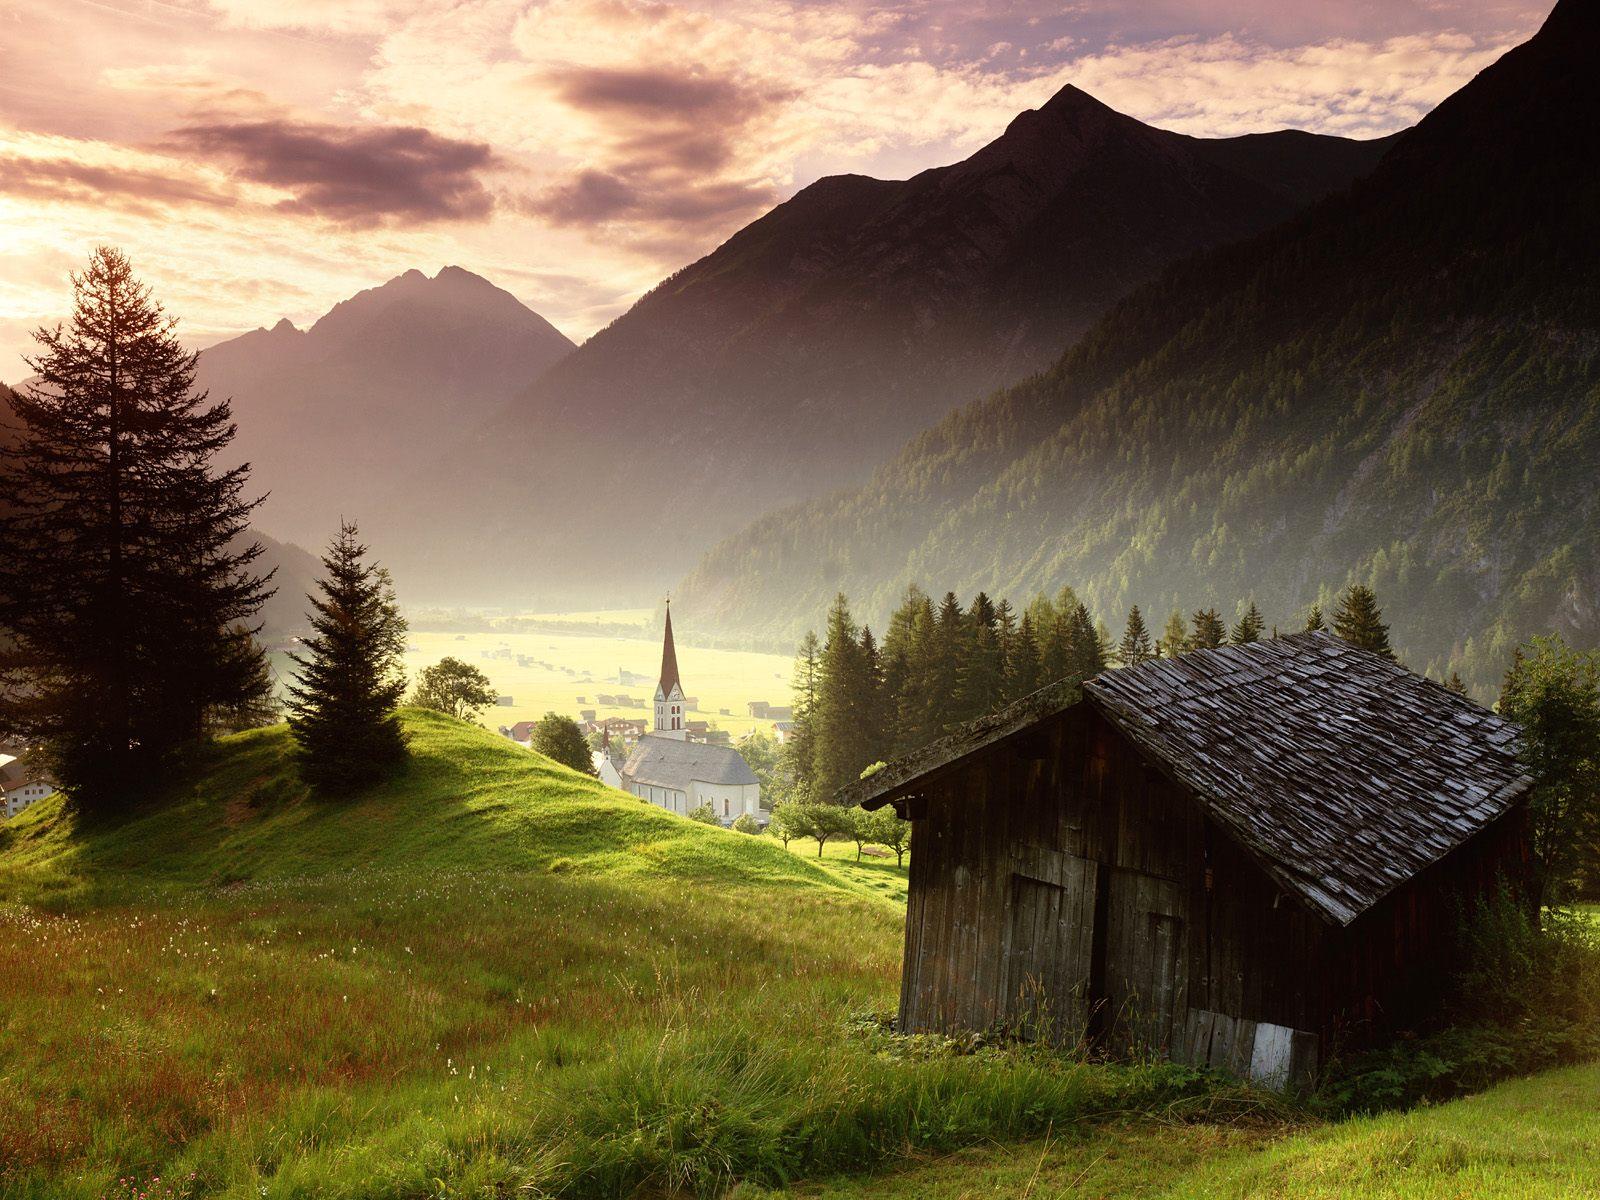 http://2.bp.blogspot.com/_kRnqu-w9J50/TSLFVuidXJI/AAAAAAAAABk/1KRH2kYqzBw/s1600/Misty_Mountain_Tyrol-Austria.jpg